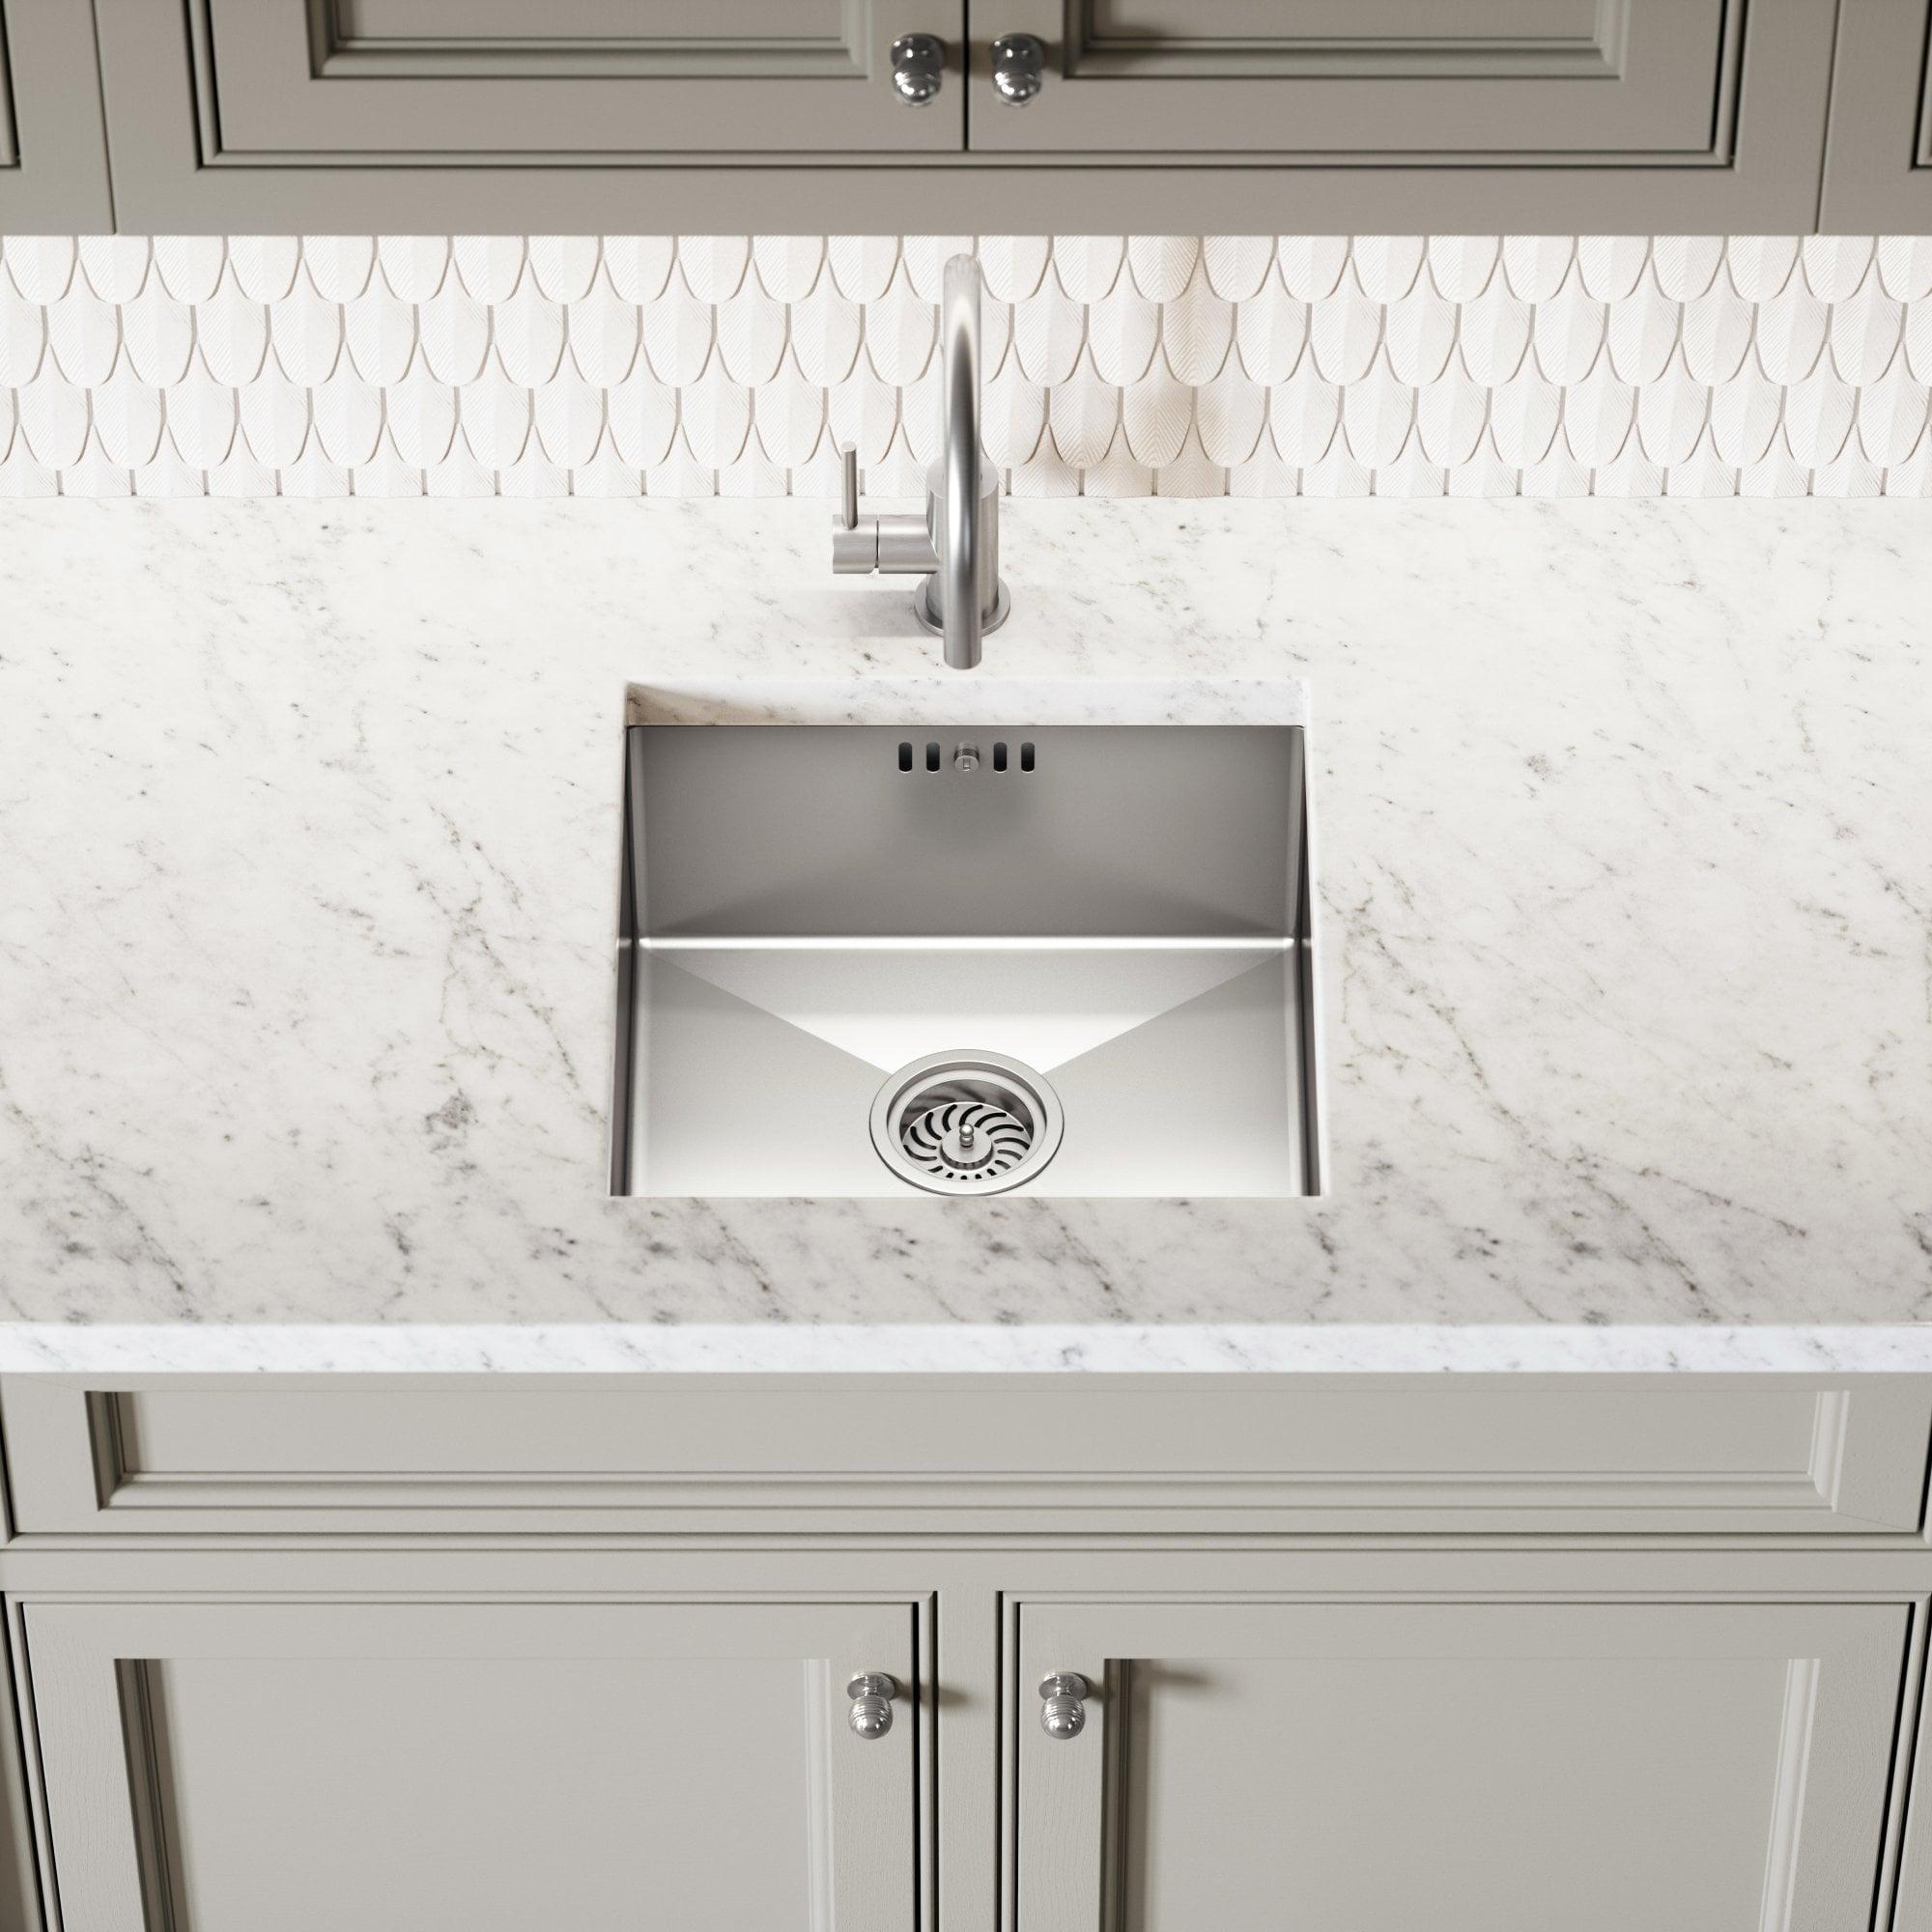 Picture of: Undermount Kitchen Stainless Steel Sink Luxury Designs